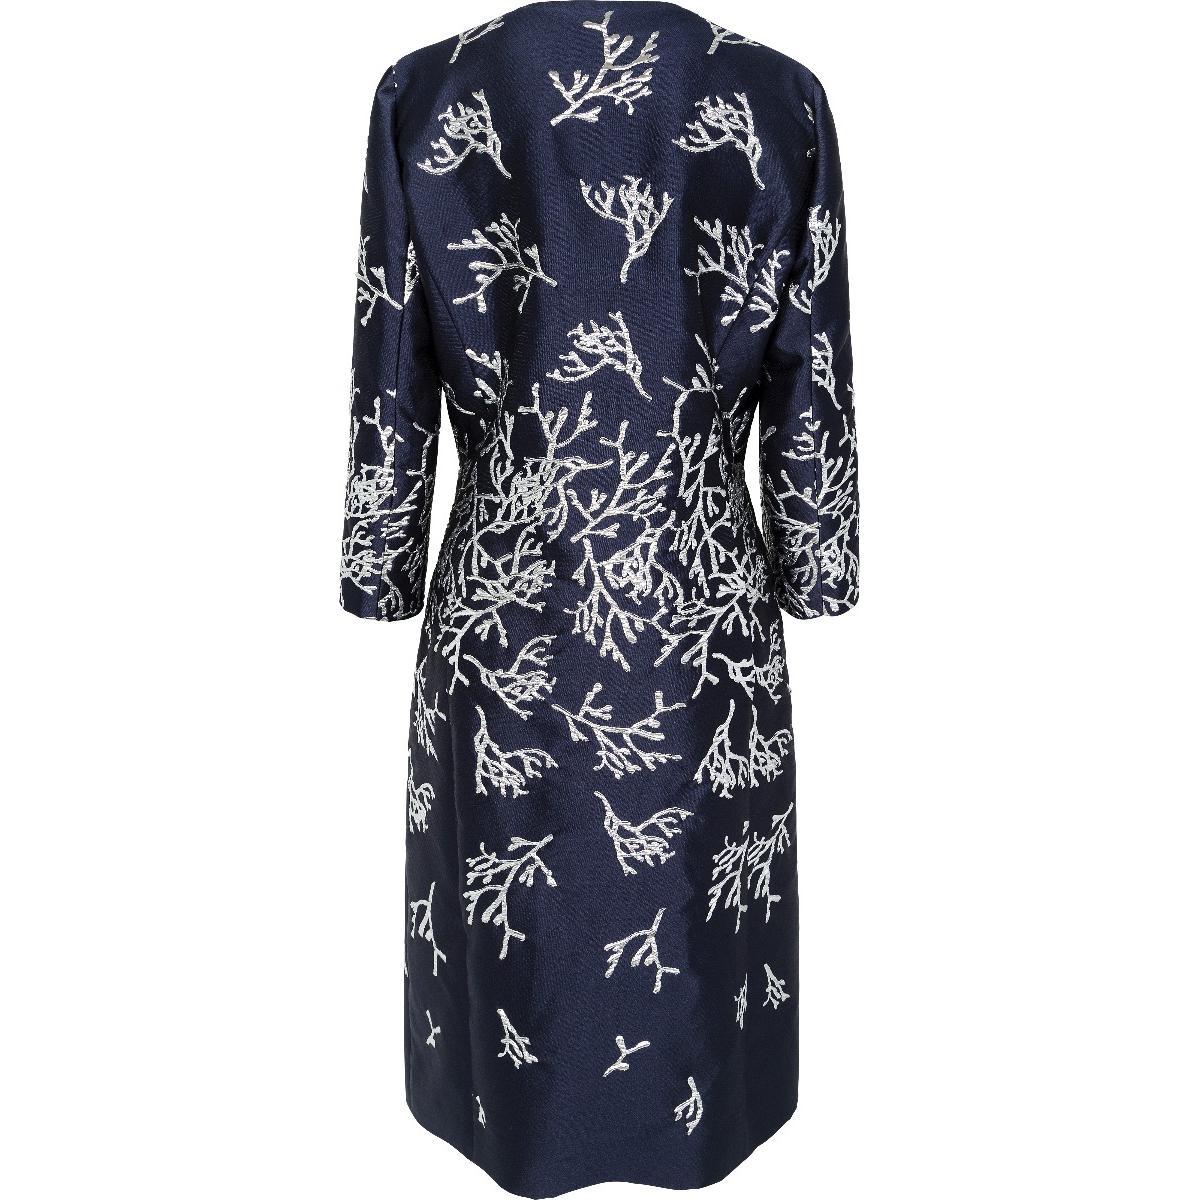 Mantel etuikleid mit elegantes Kleid